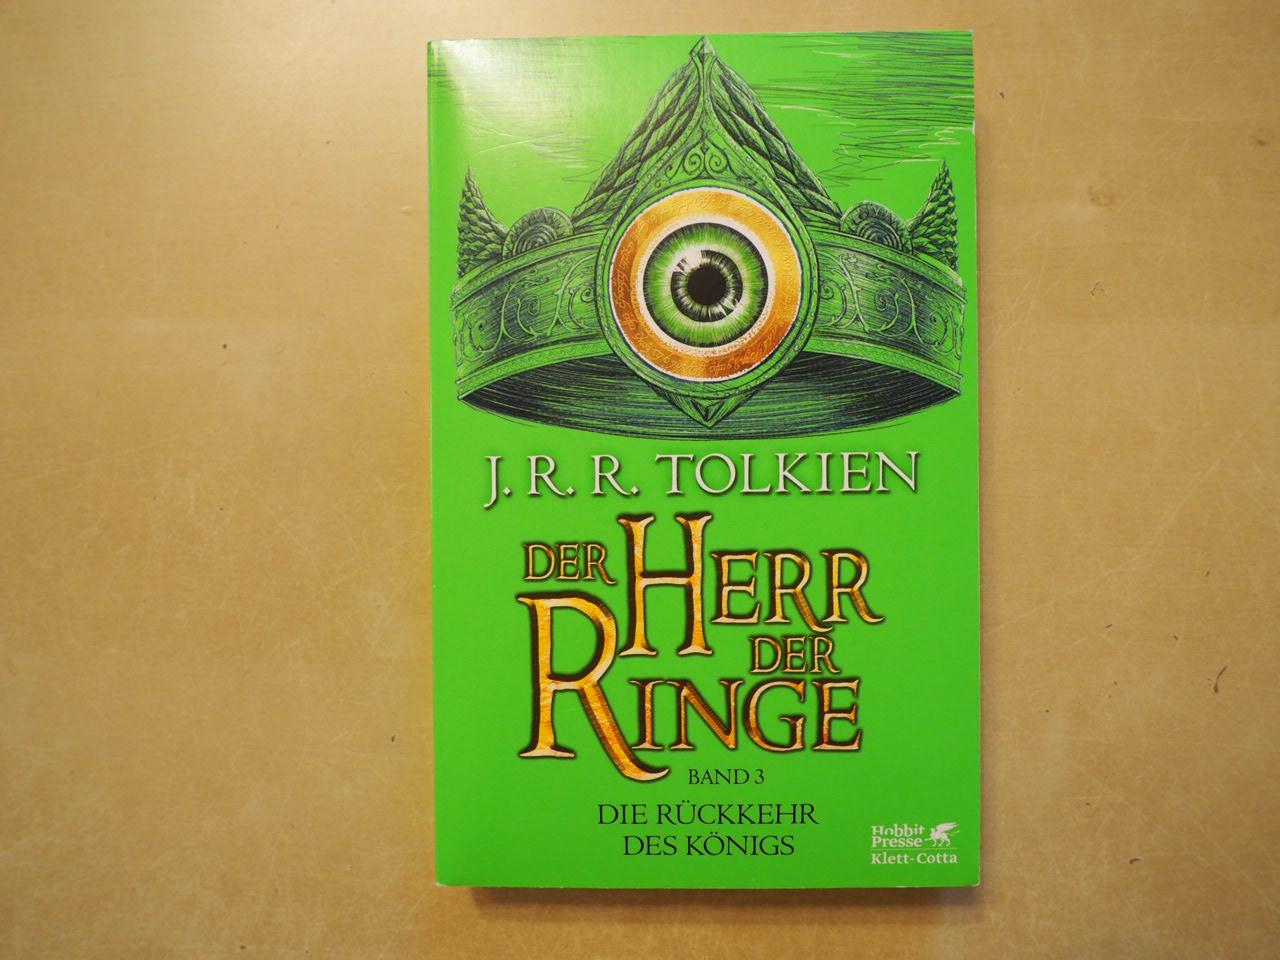 Der Herr der Ringe, Band 3: Die Rückkehr des Königs